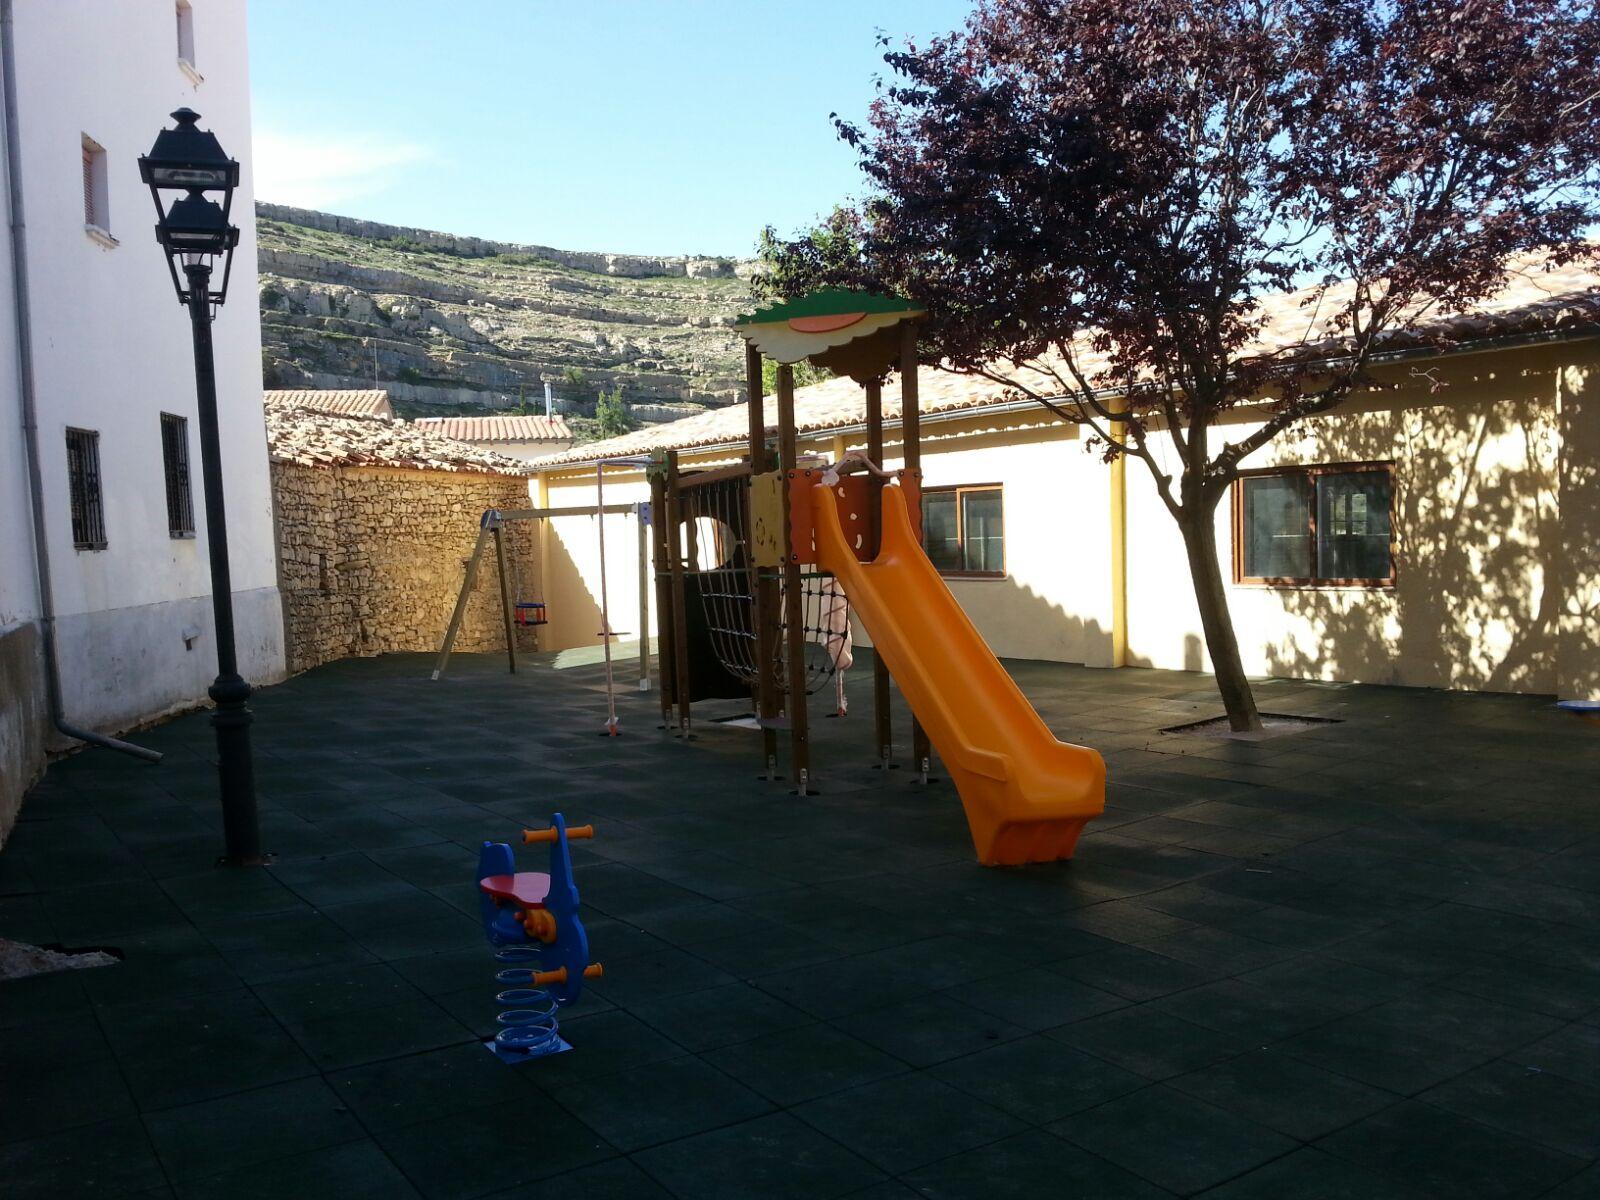 Juegos Infantiles y Suelo de Caucho en Ares del Maestrat